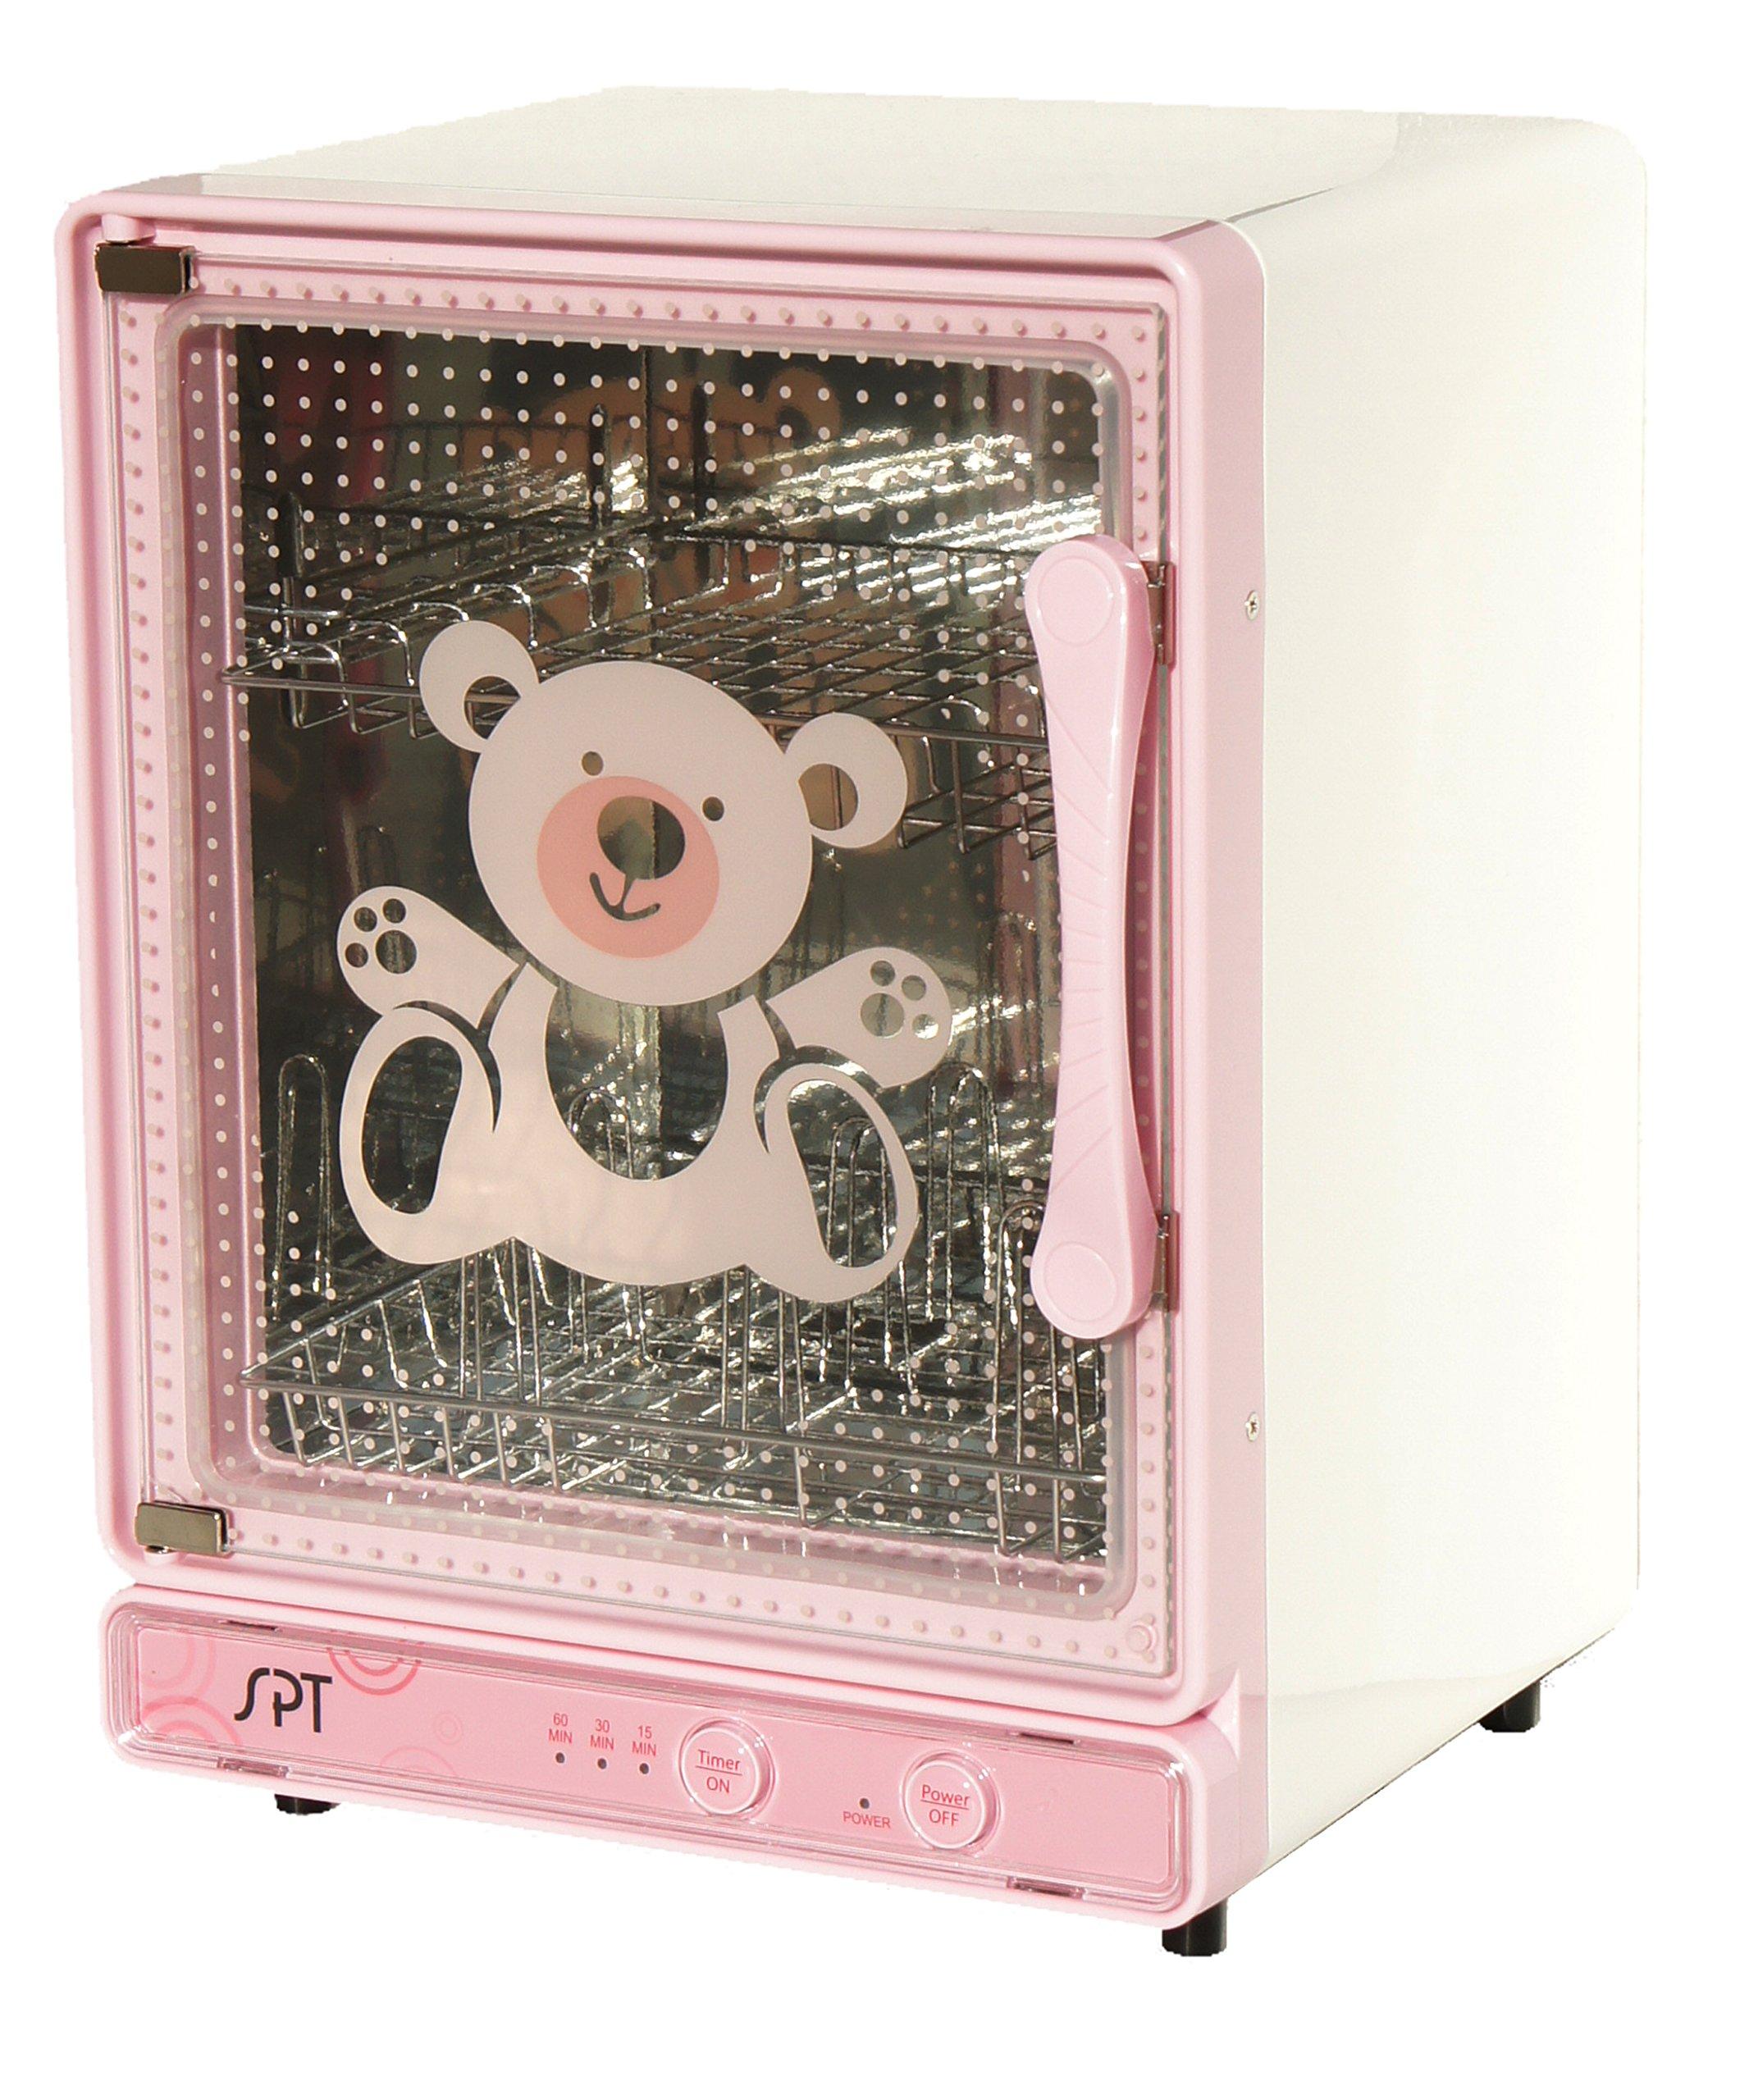 SPT SPT SB-818P Baby Bottle Sterilizer and Dryer, Pink